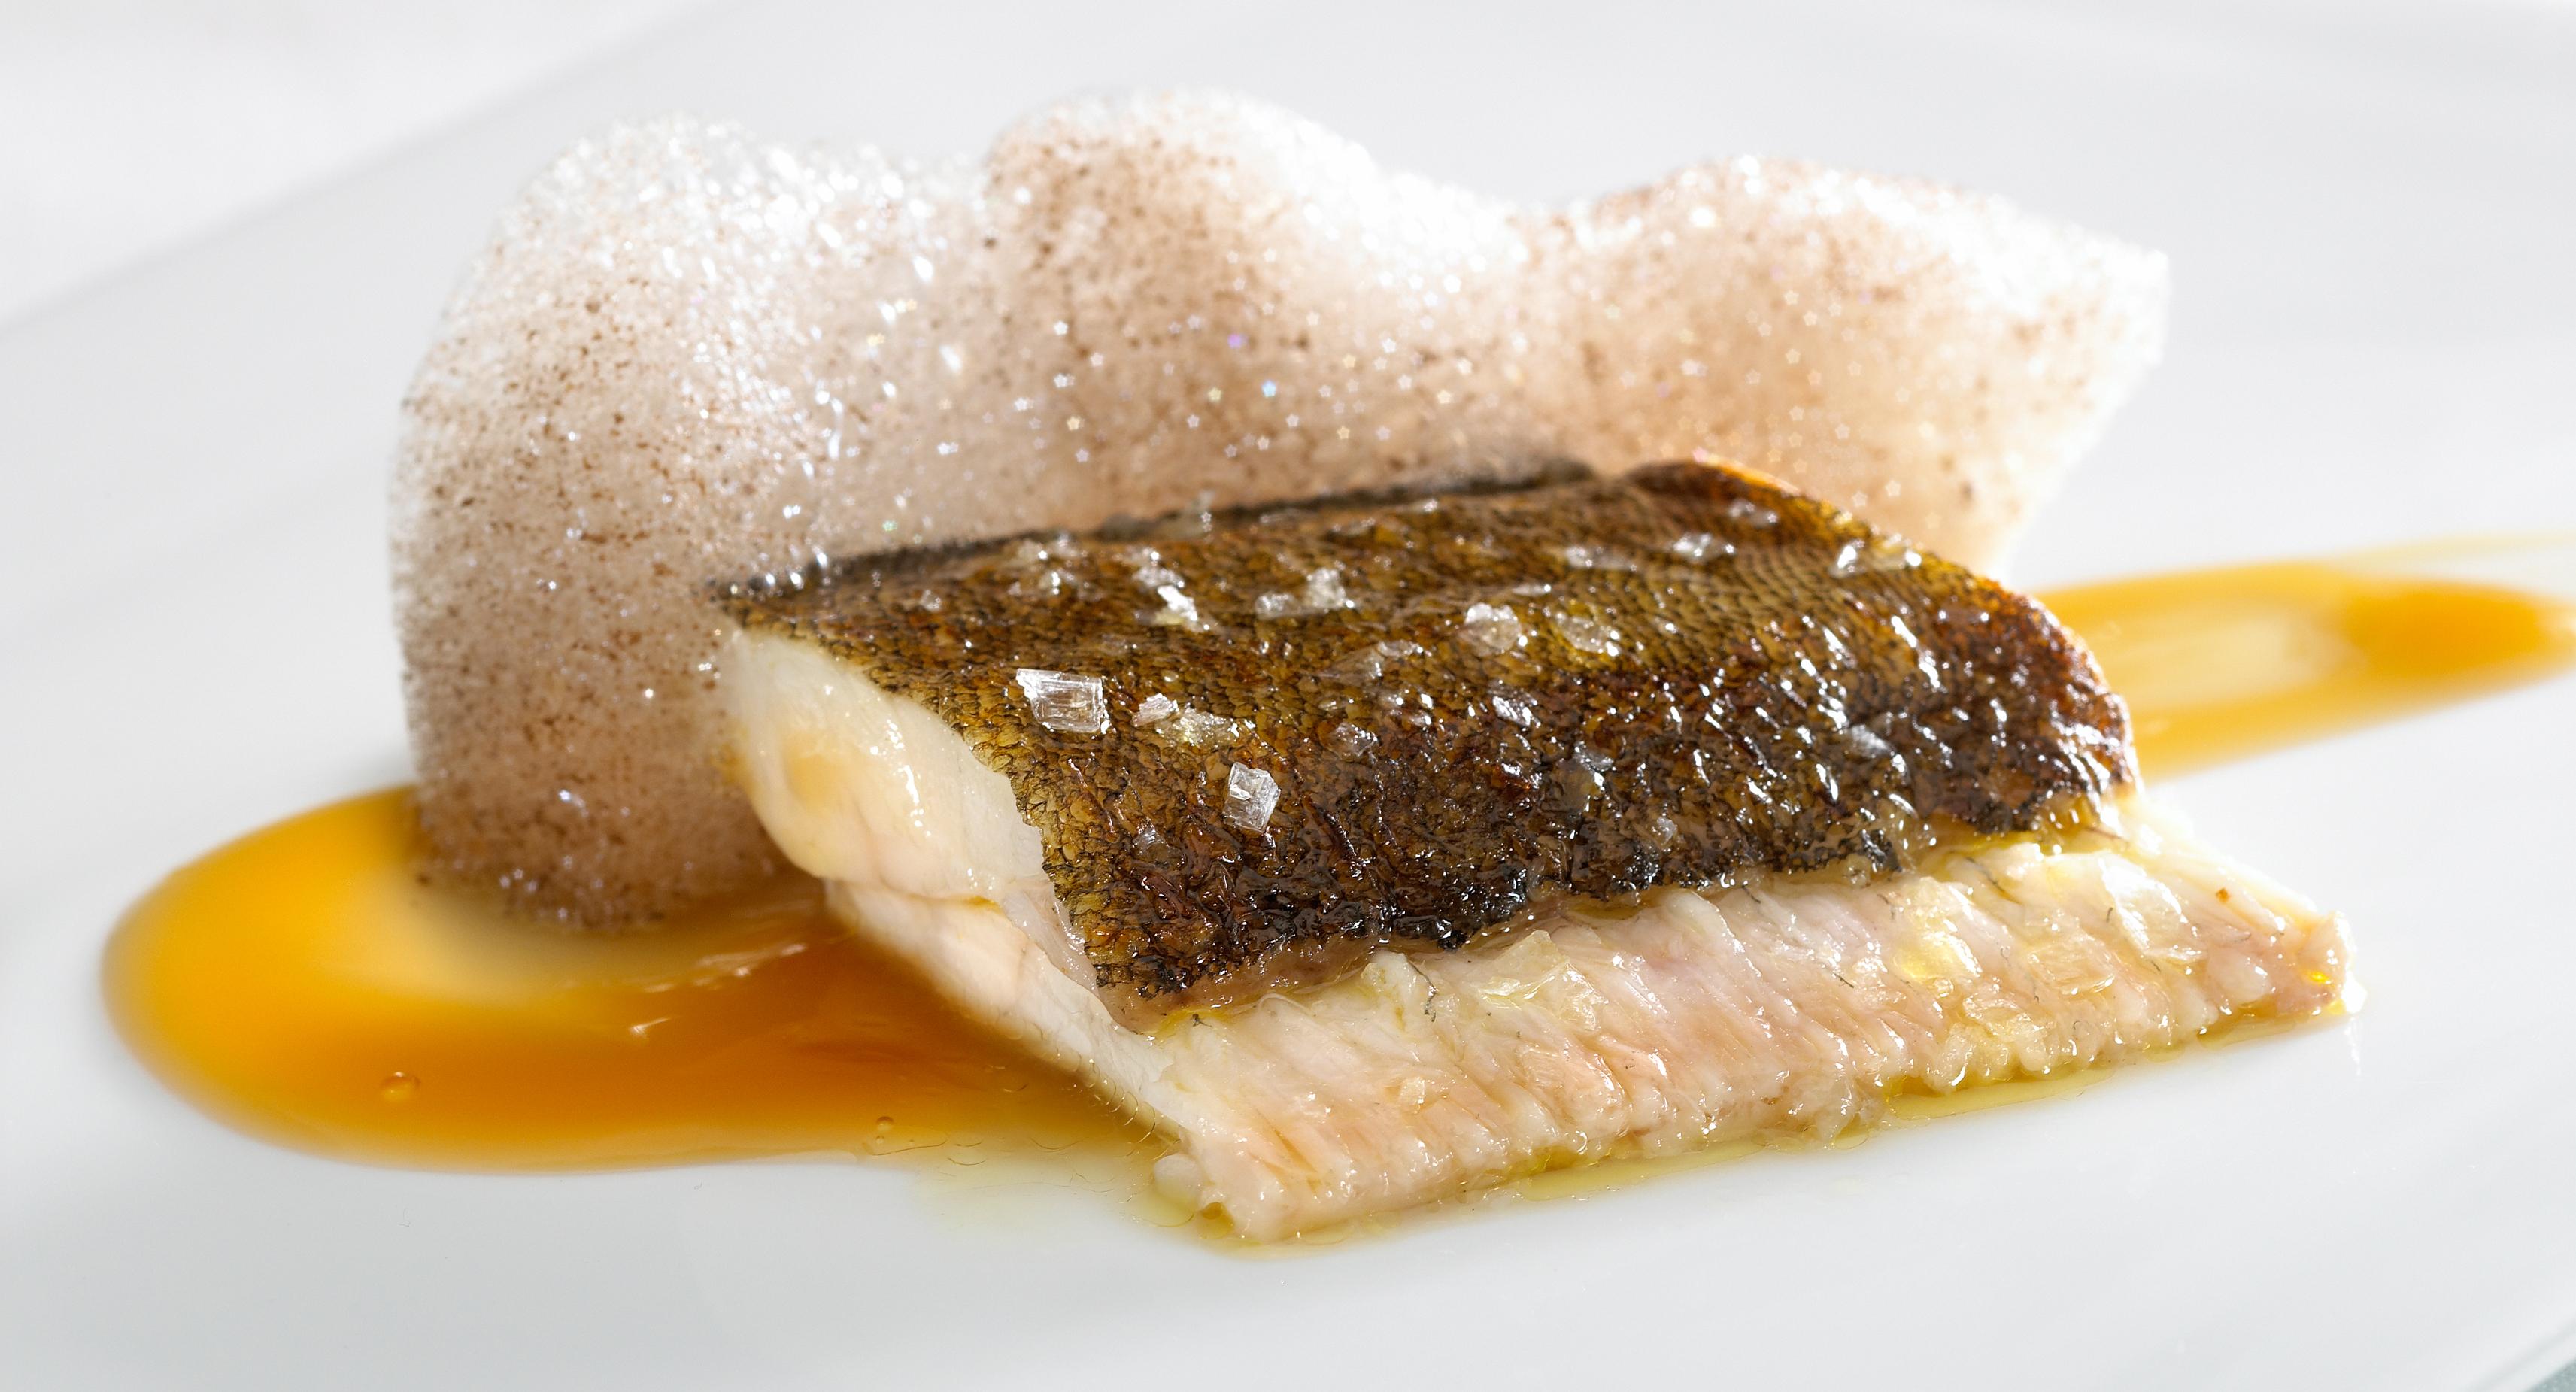 Lenguado asado cubierto de un gel de cebollas asadas y trufas, borbolleo de vinagre viejo de jerez y oloroso. Mugaritz / J. L. LÓPEZ DE ZUBIRIA